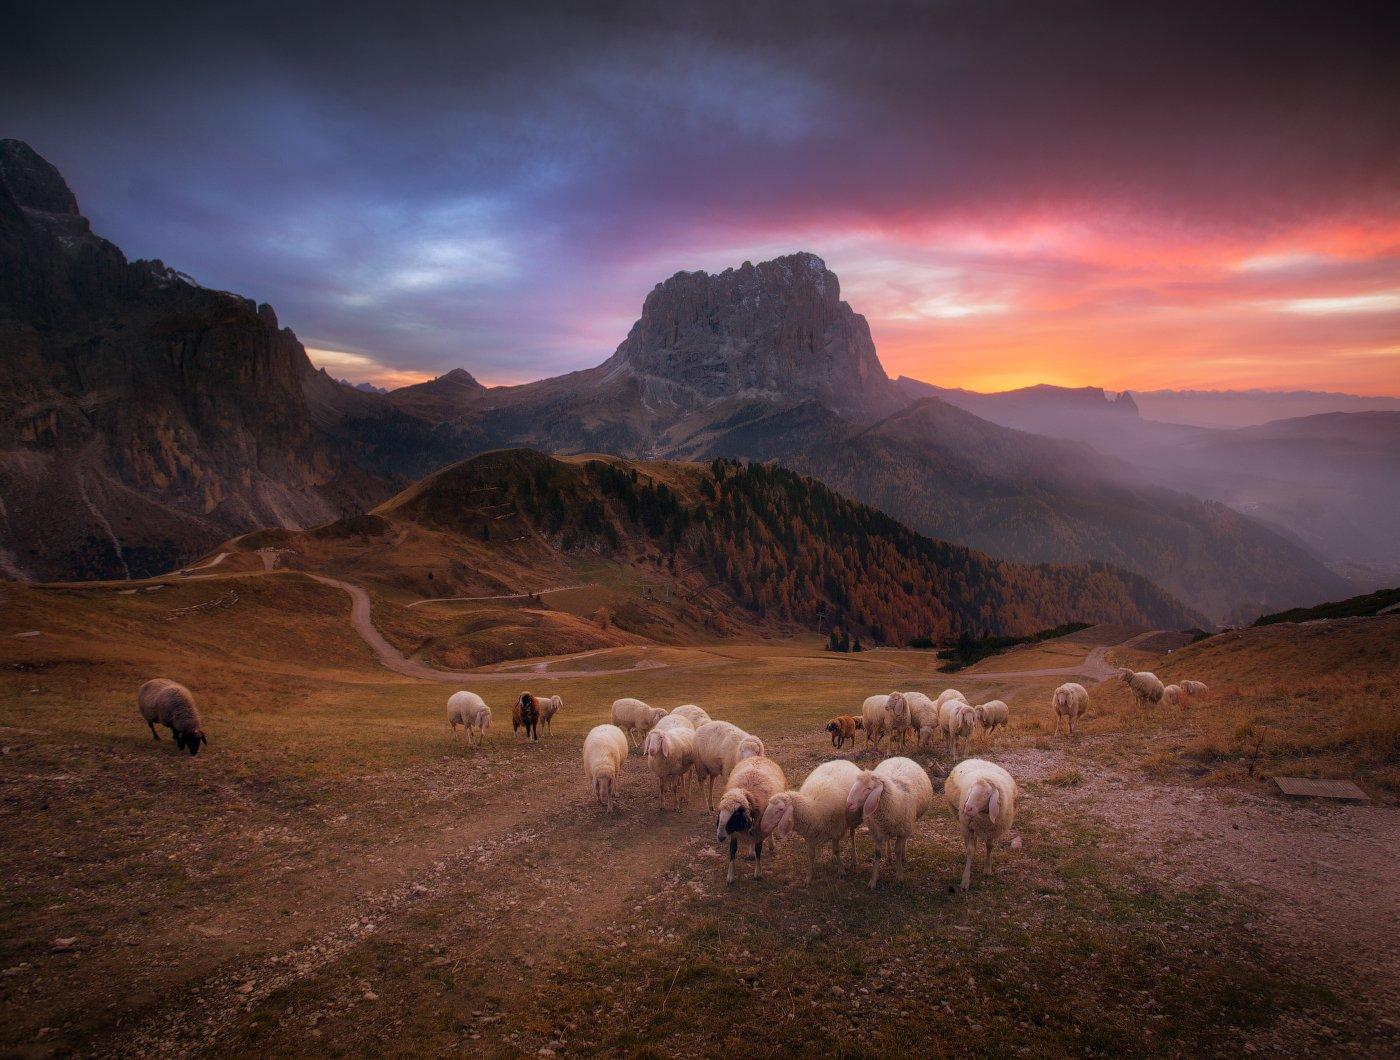 Вечер, горы, италия, закат, овцы, стадо, небо, облака, Cтанислав Малых